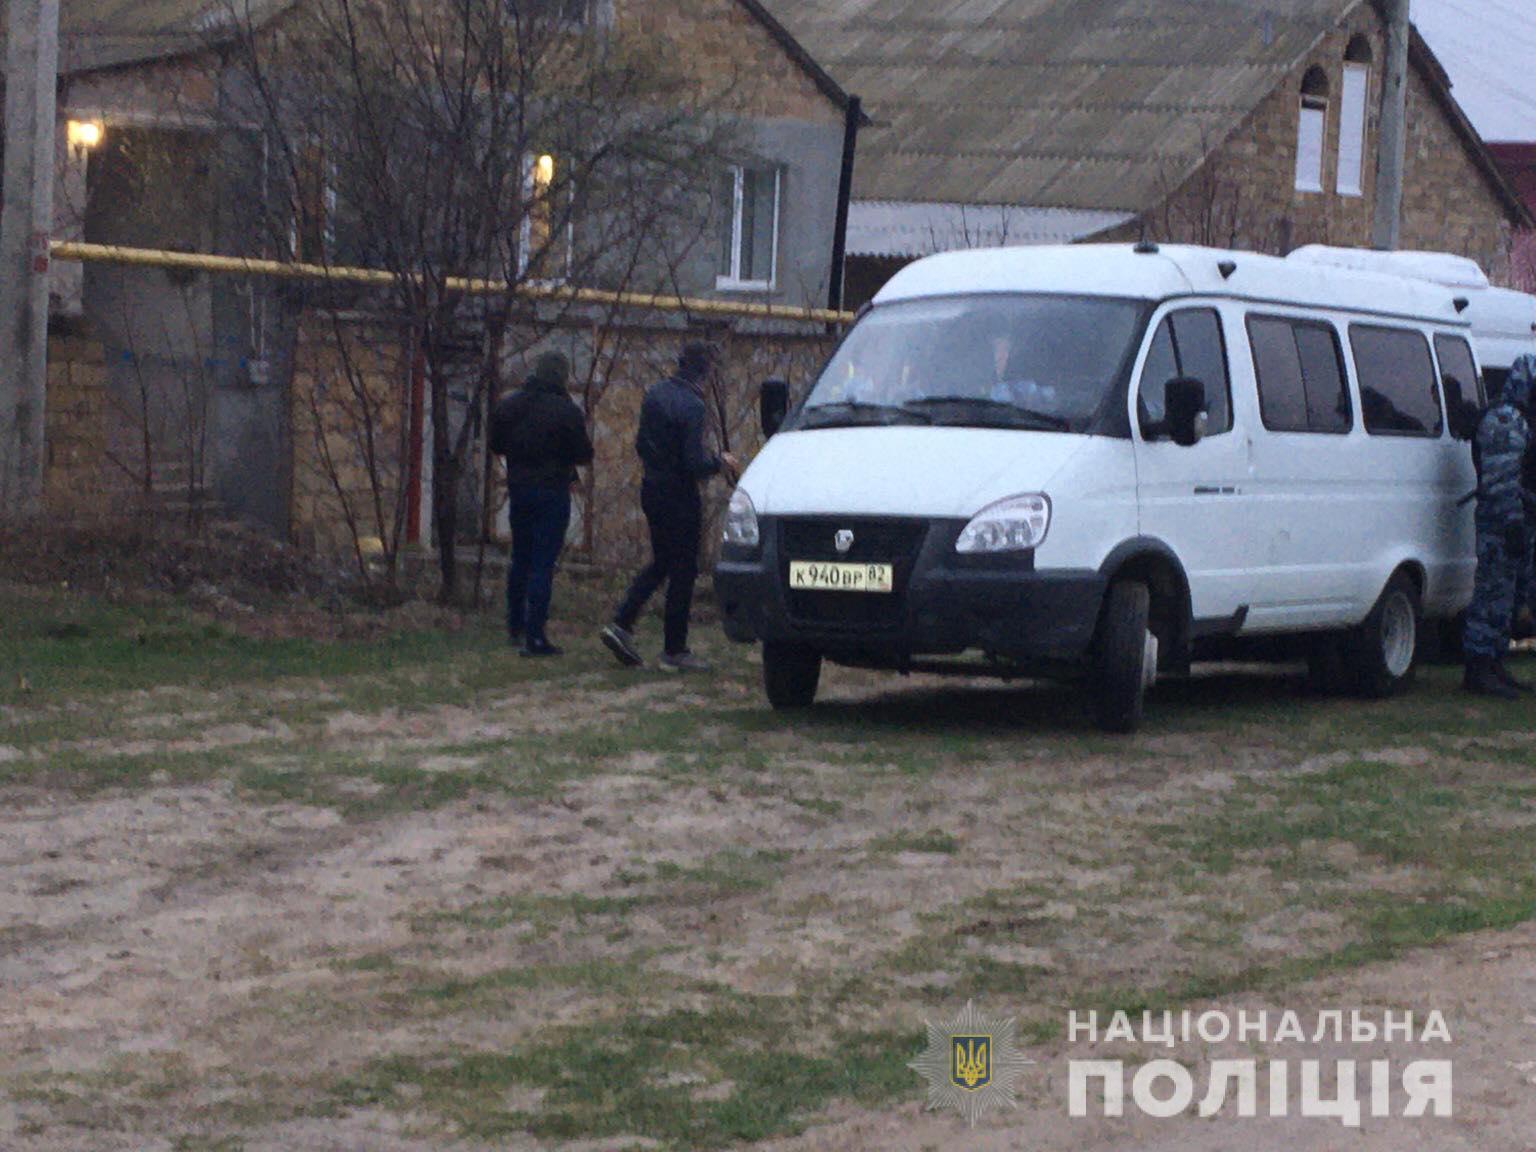 Незаконні обшуки в Бахчисараї: українська поліція відкрила справу -  - ob2